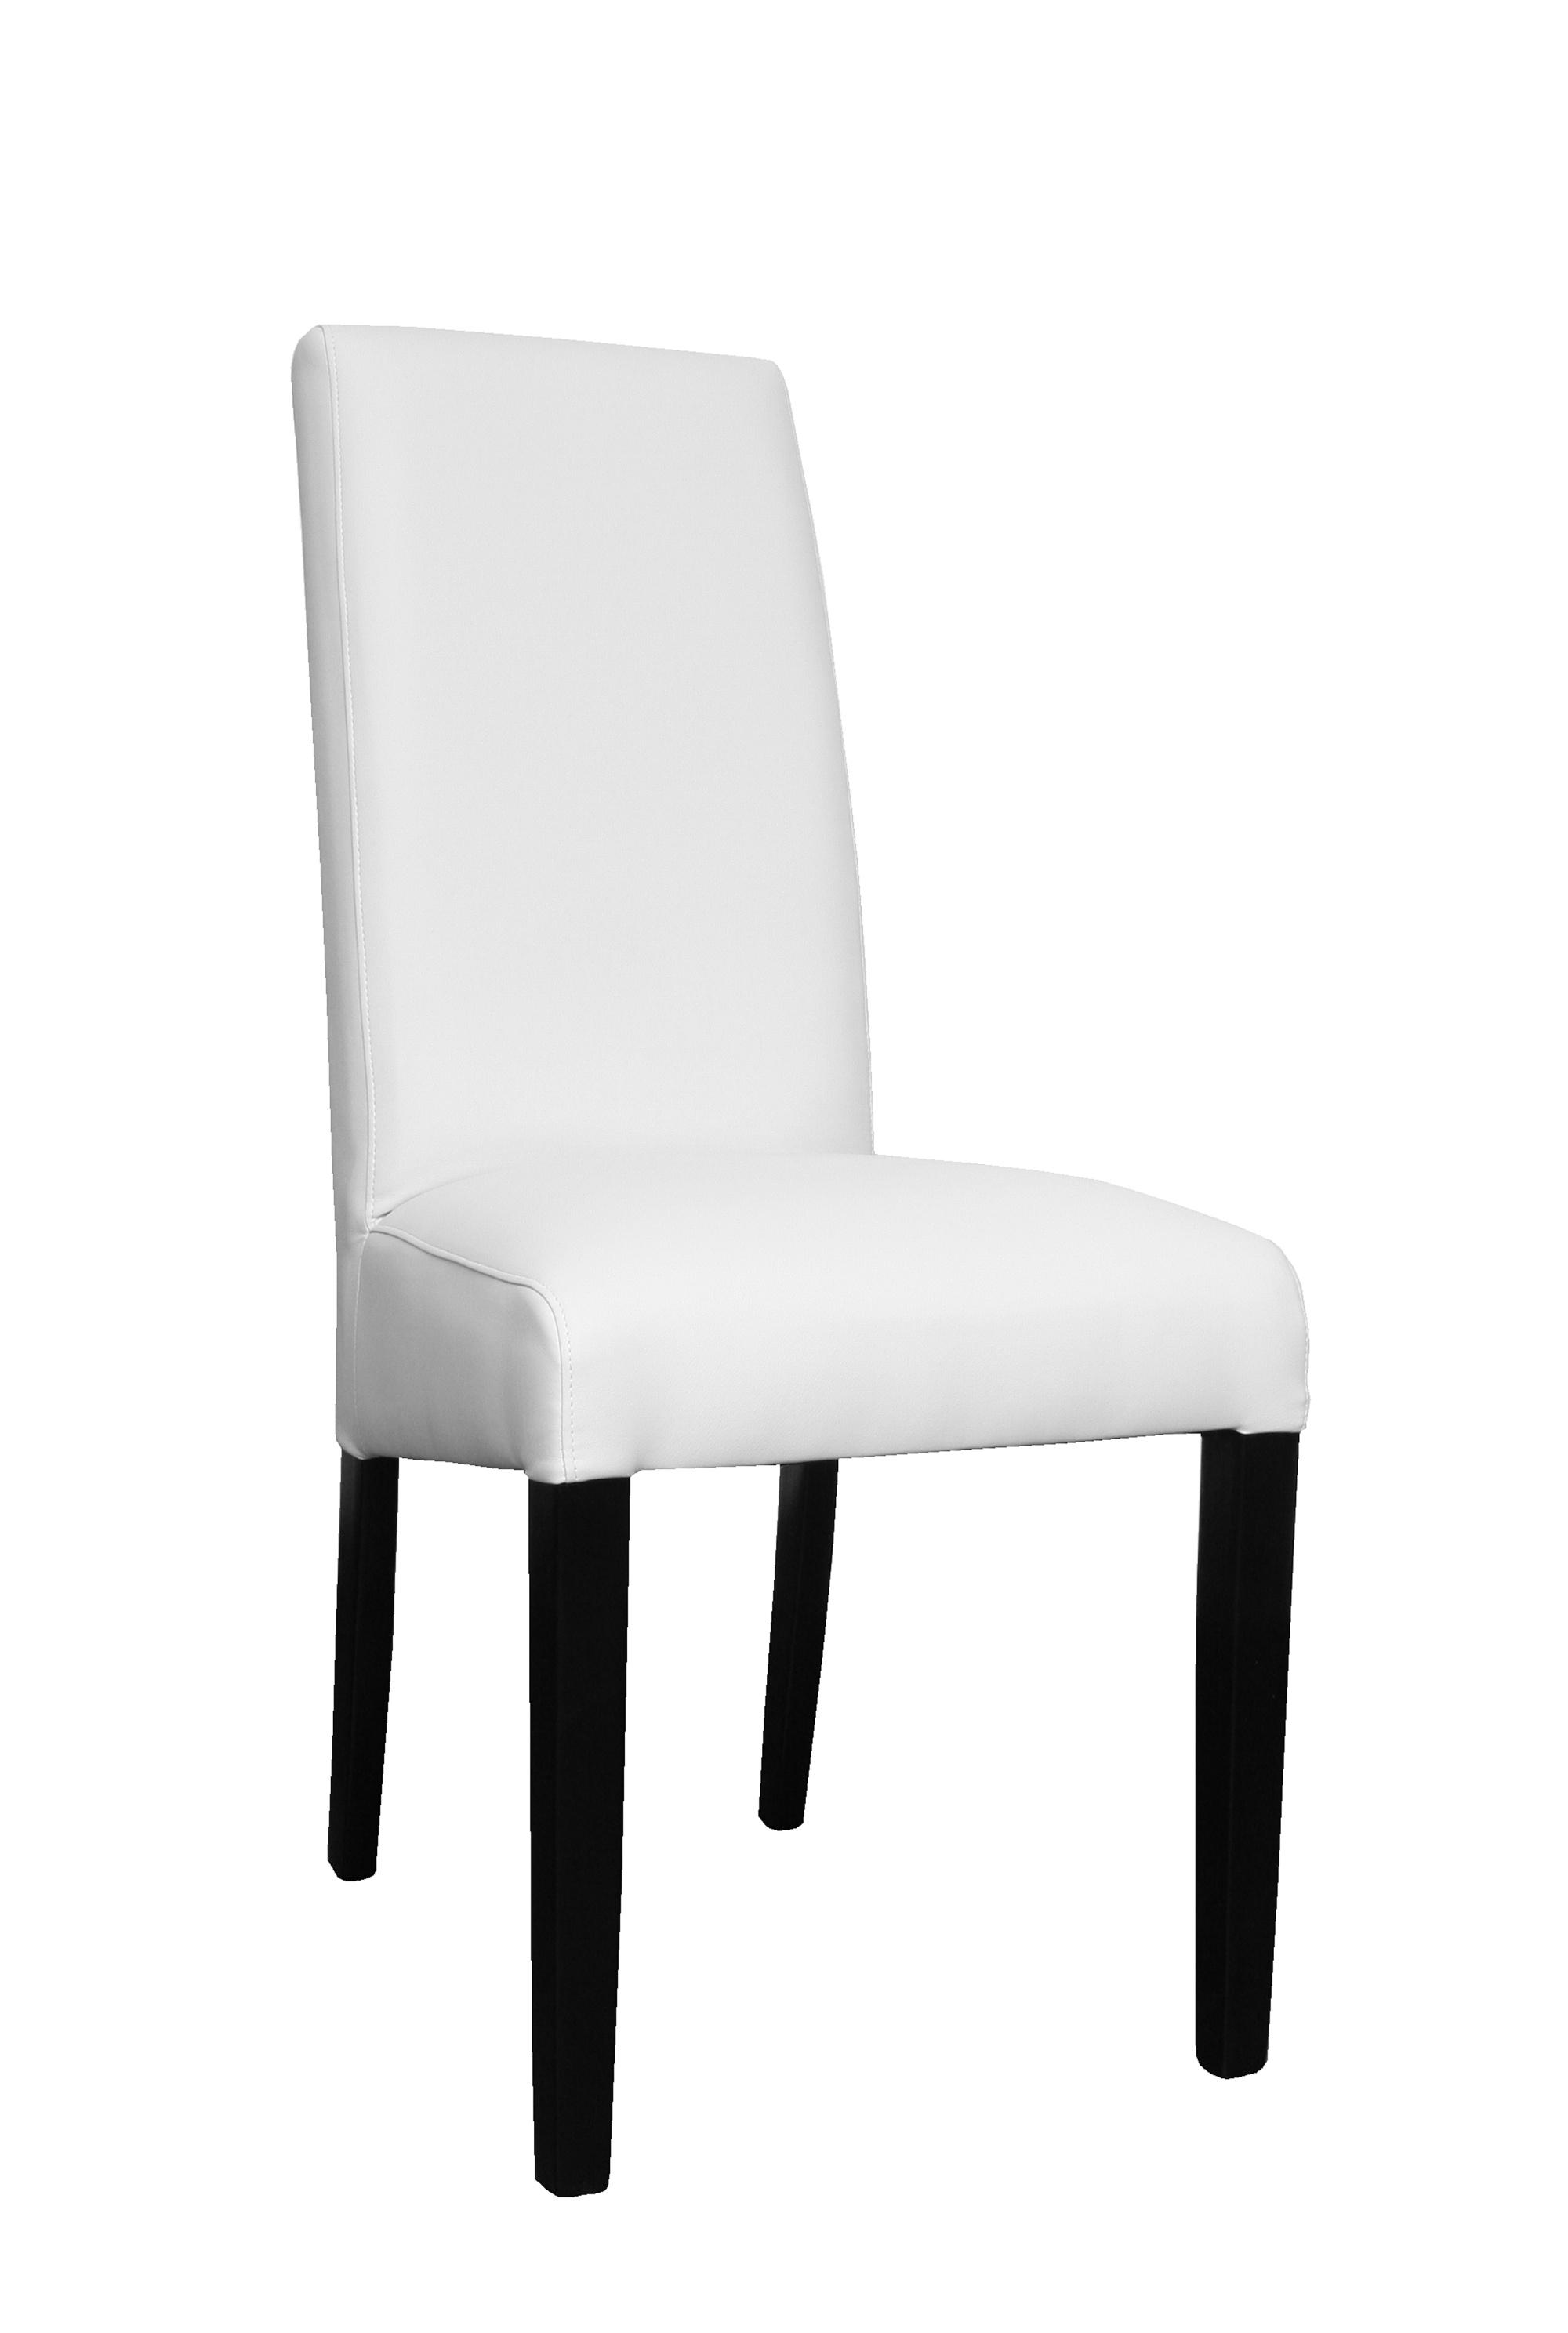 Chaises de salle à manger (lot de 2) coloris blanc Dara